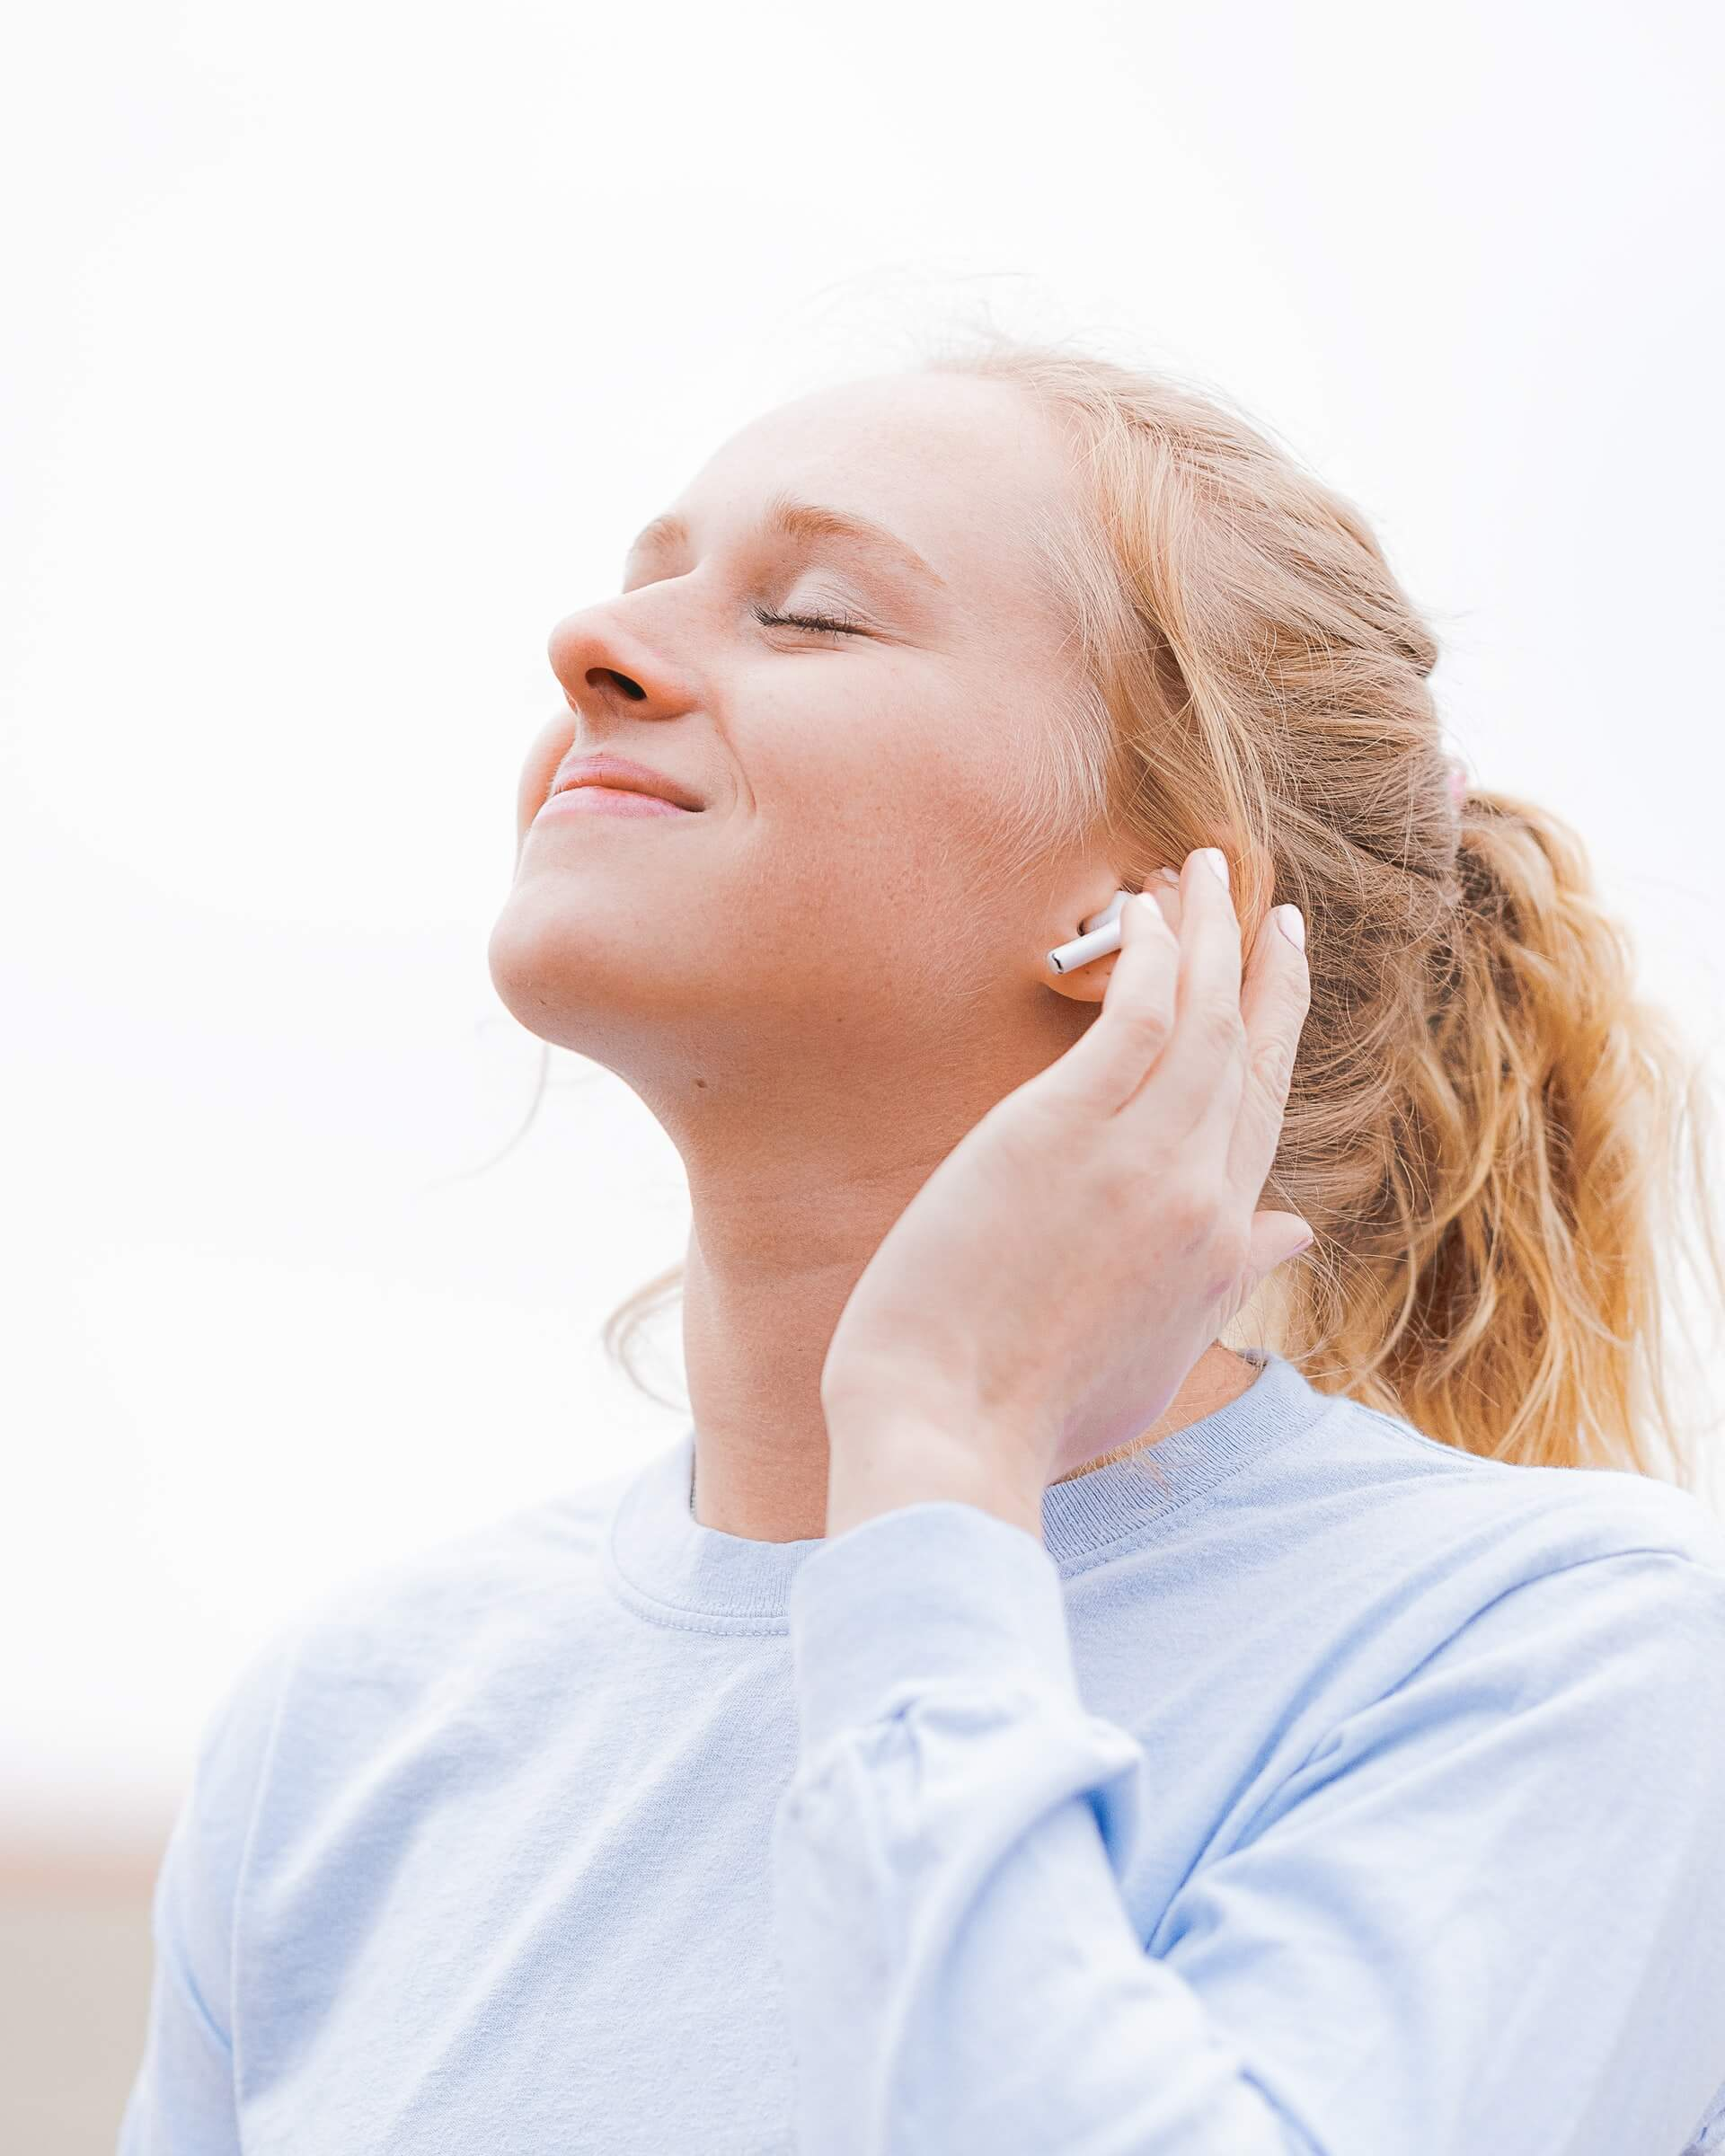 fille souriante qui écoute de la musique